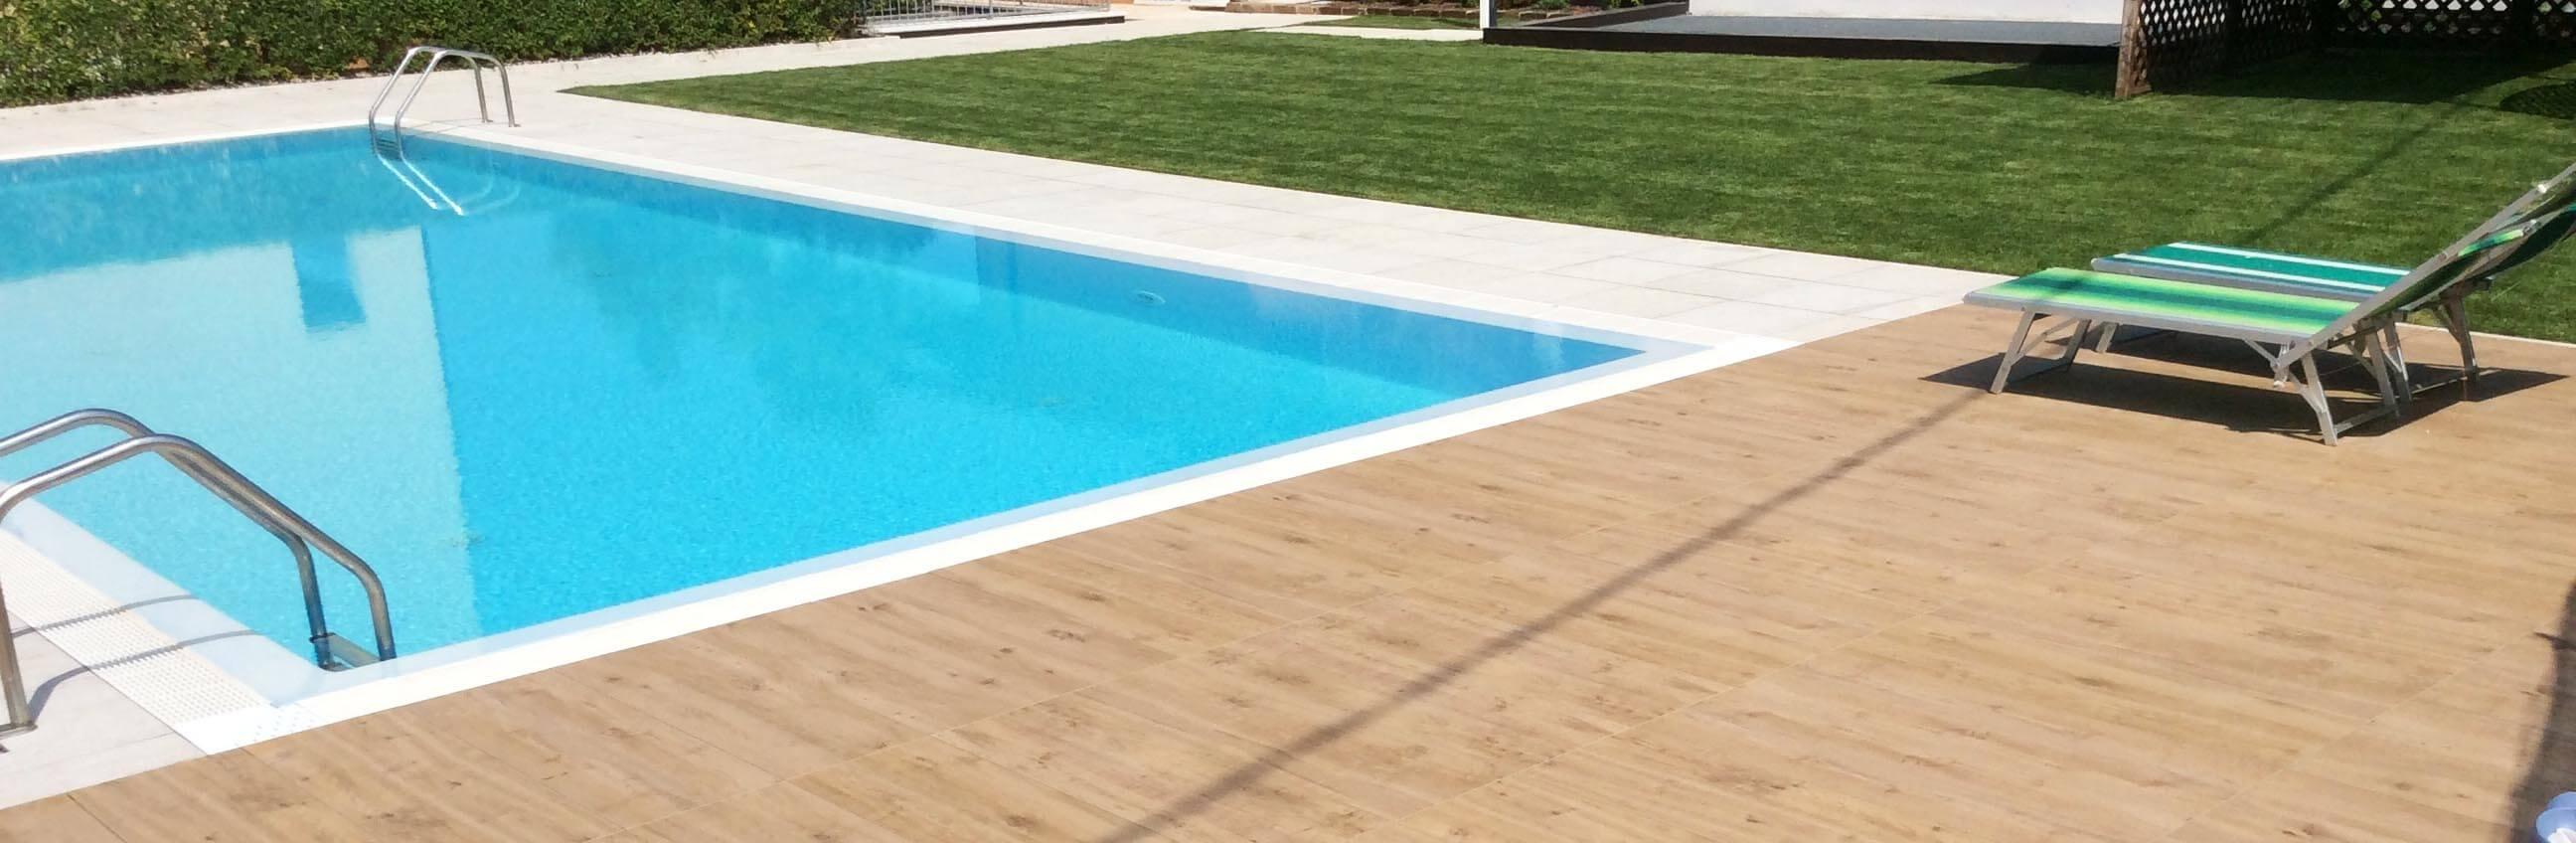 rifacimnto terrazza giardino con piscina_COVER